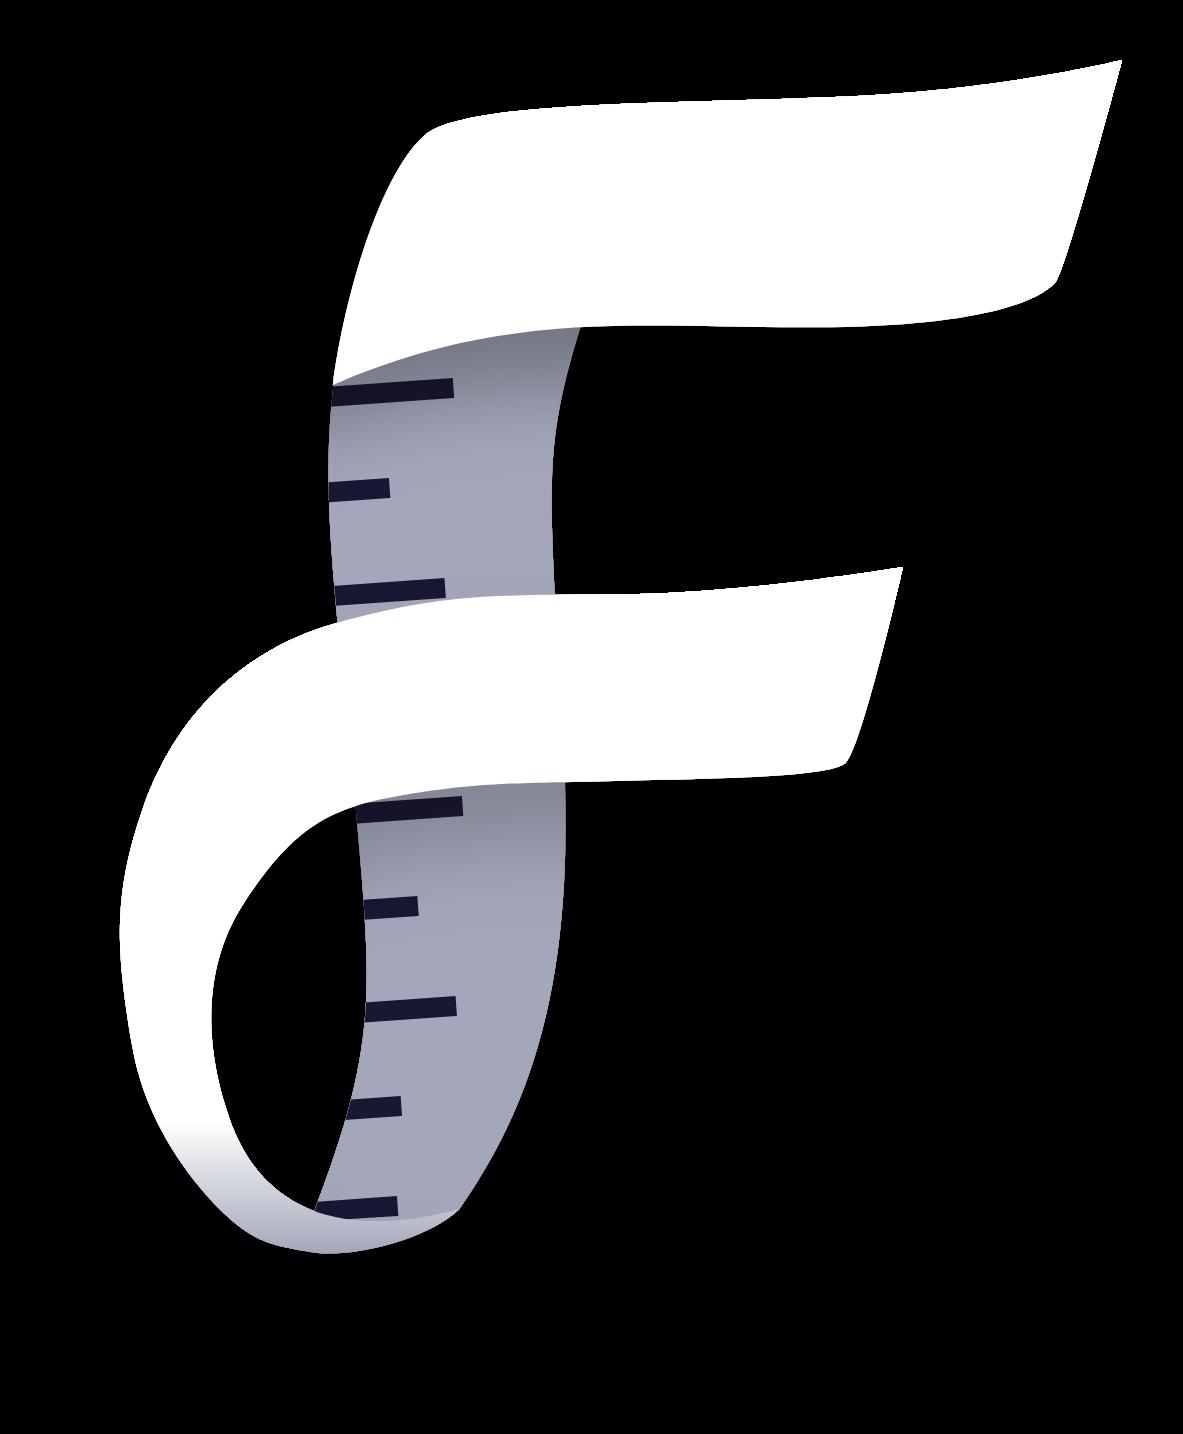 fitifinder_link_logo